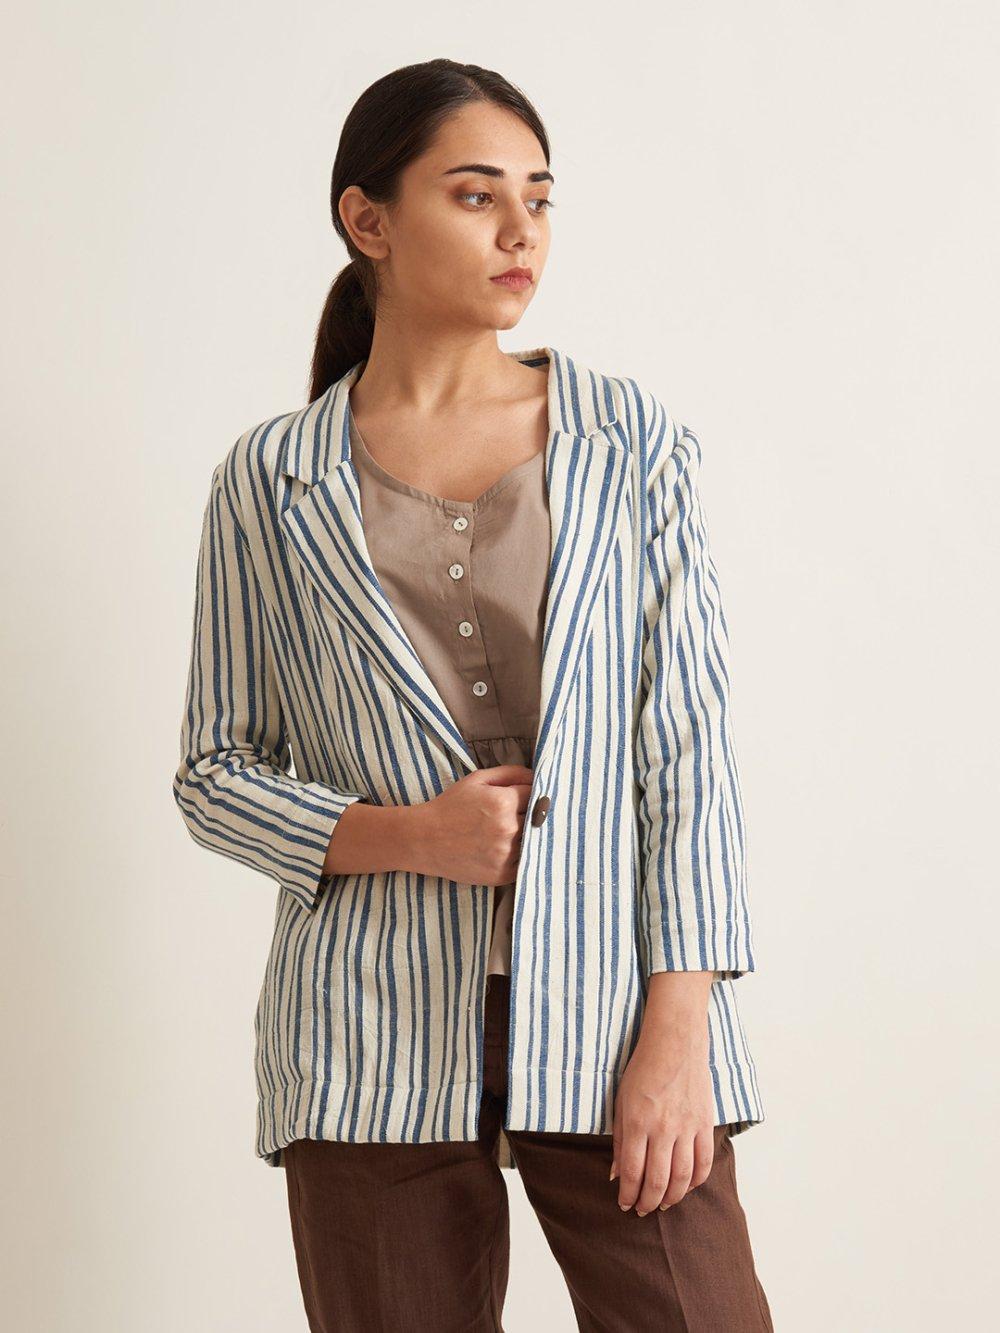 Organic Clothing Linen Women Shirt